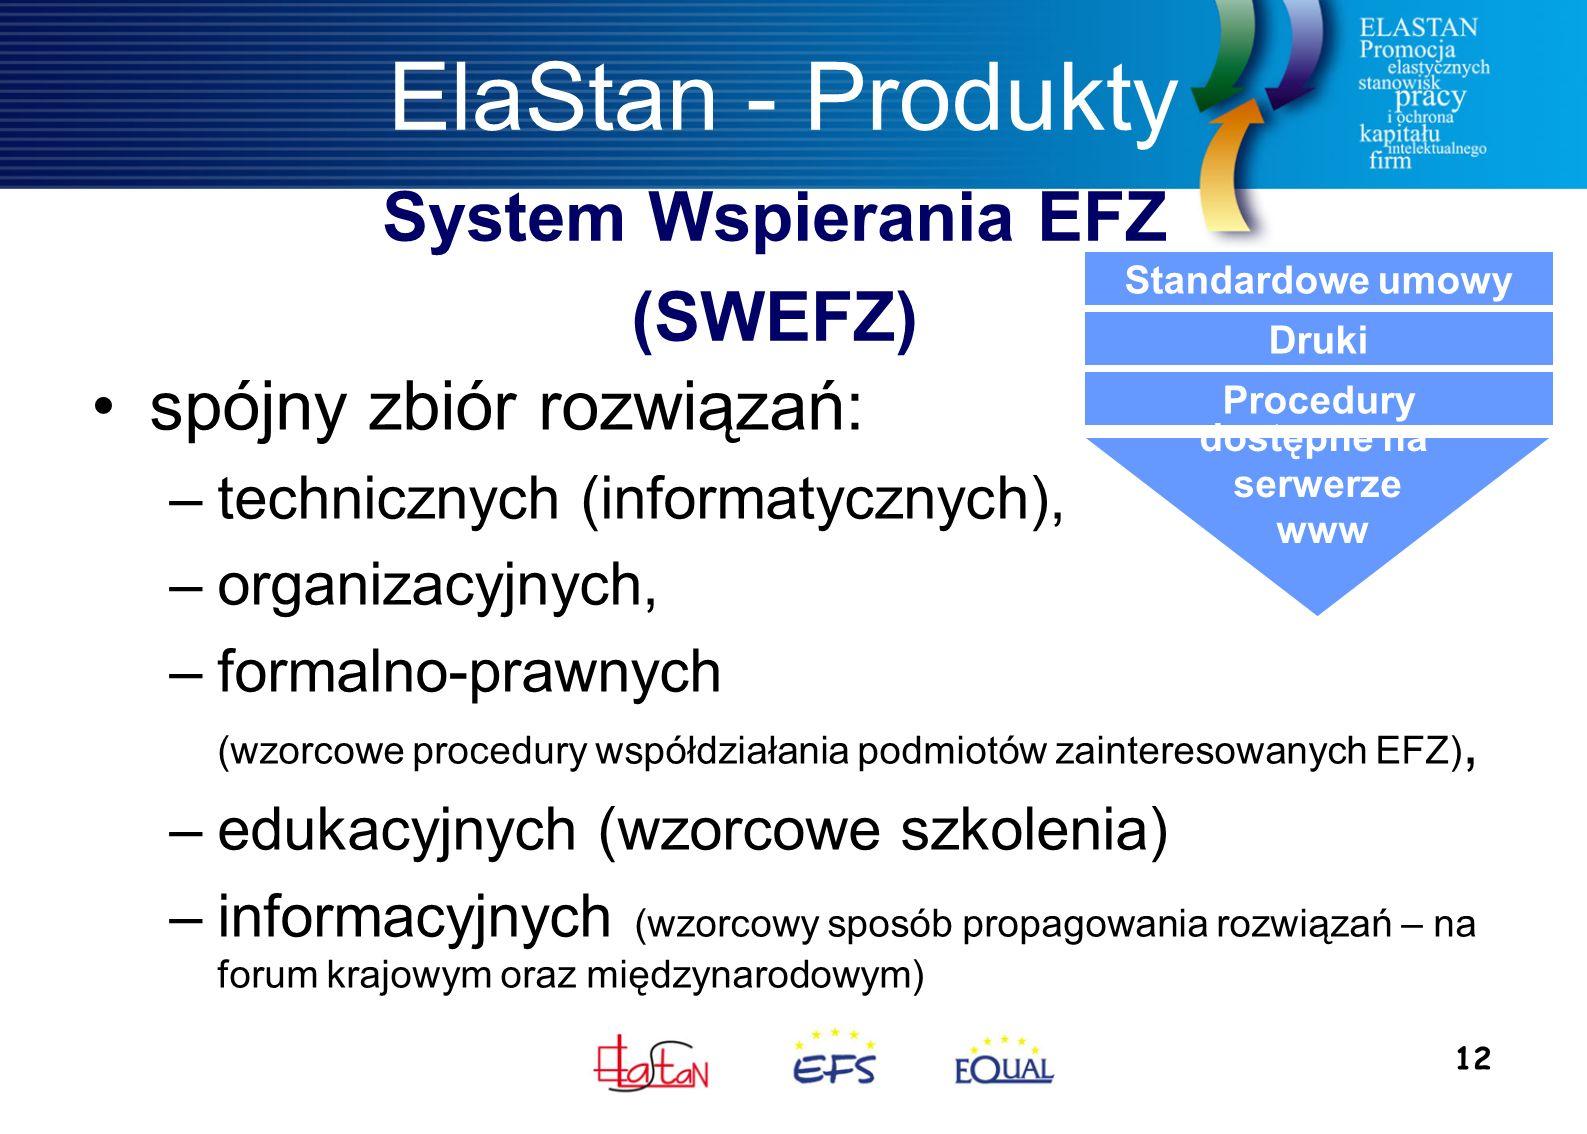 12 ElaStan - Produkty spójny zbiór rozwiązań: –technicznych (informatycznych), –organizacyjnych, –formalno-prawnych (wzorcowe procedury współdziałania podmiotów zainteresowanych EFZ), –edukacyjnych (wzorcowe szkolenia) –informacyjnych (wzorcowy sposób propagowania rozwiązań – na forum krajowym oraz międzynarodowym) System Wspierania EFZ (SWEFZ) Standardowe umowy Druki Procedury dostępne na serwerze www